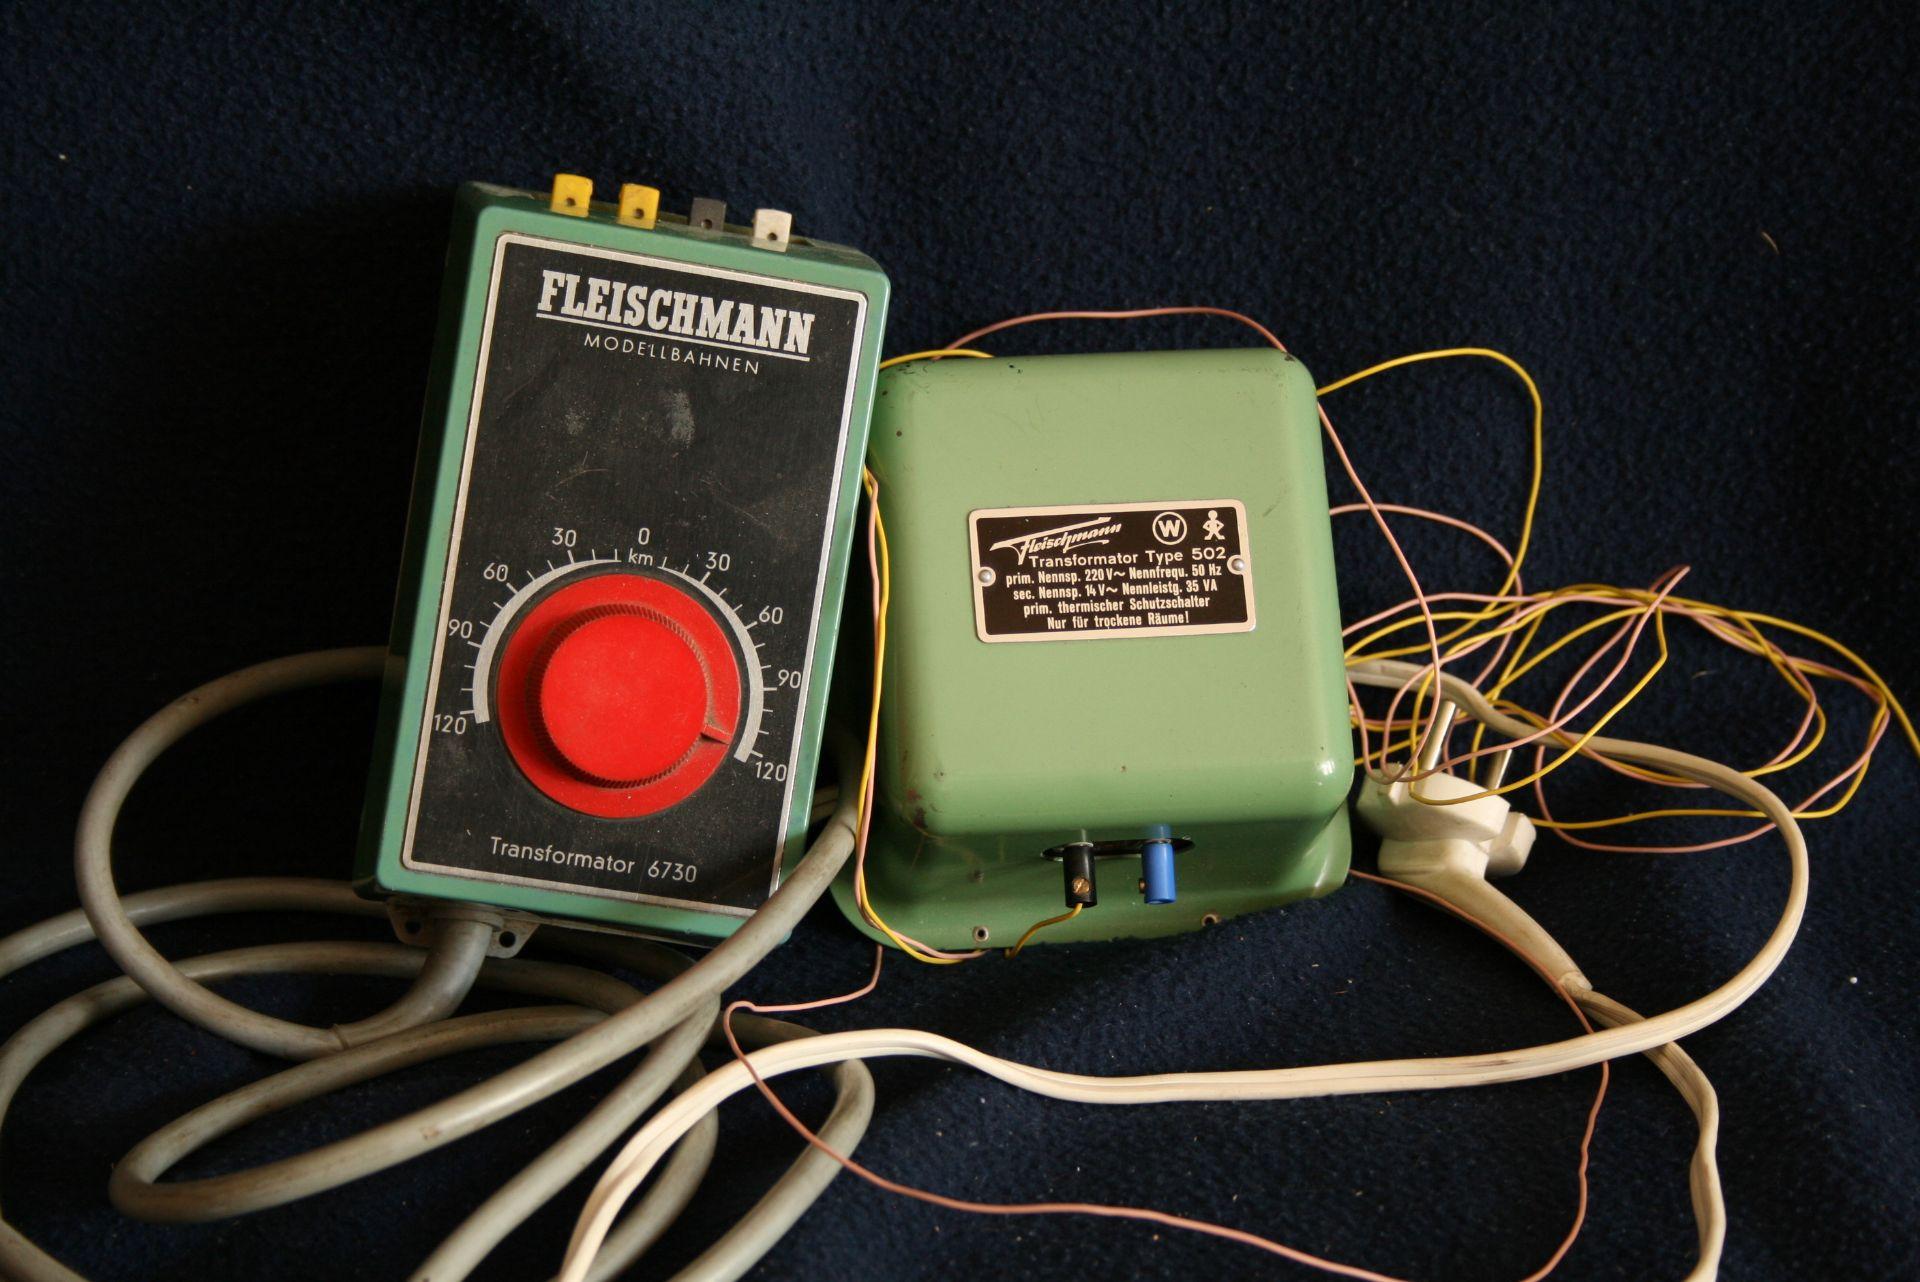 Los 31 - Transformateurs électriques : Fleischmann 6730 + TYP 502 - - Power transformers: [...]